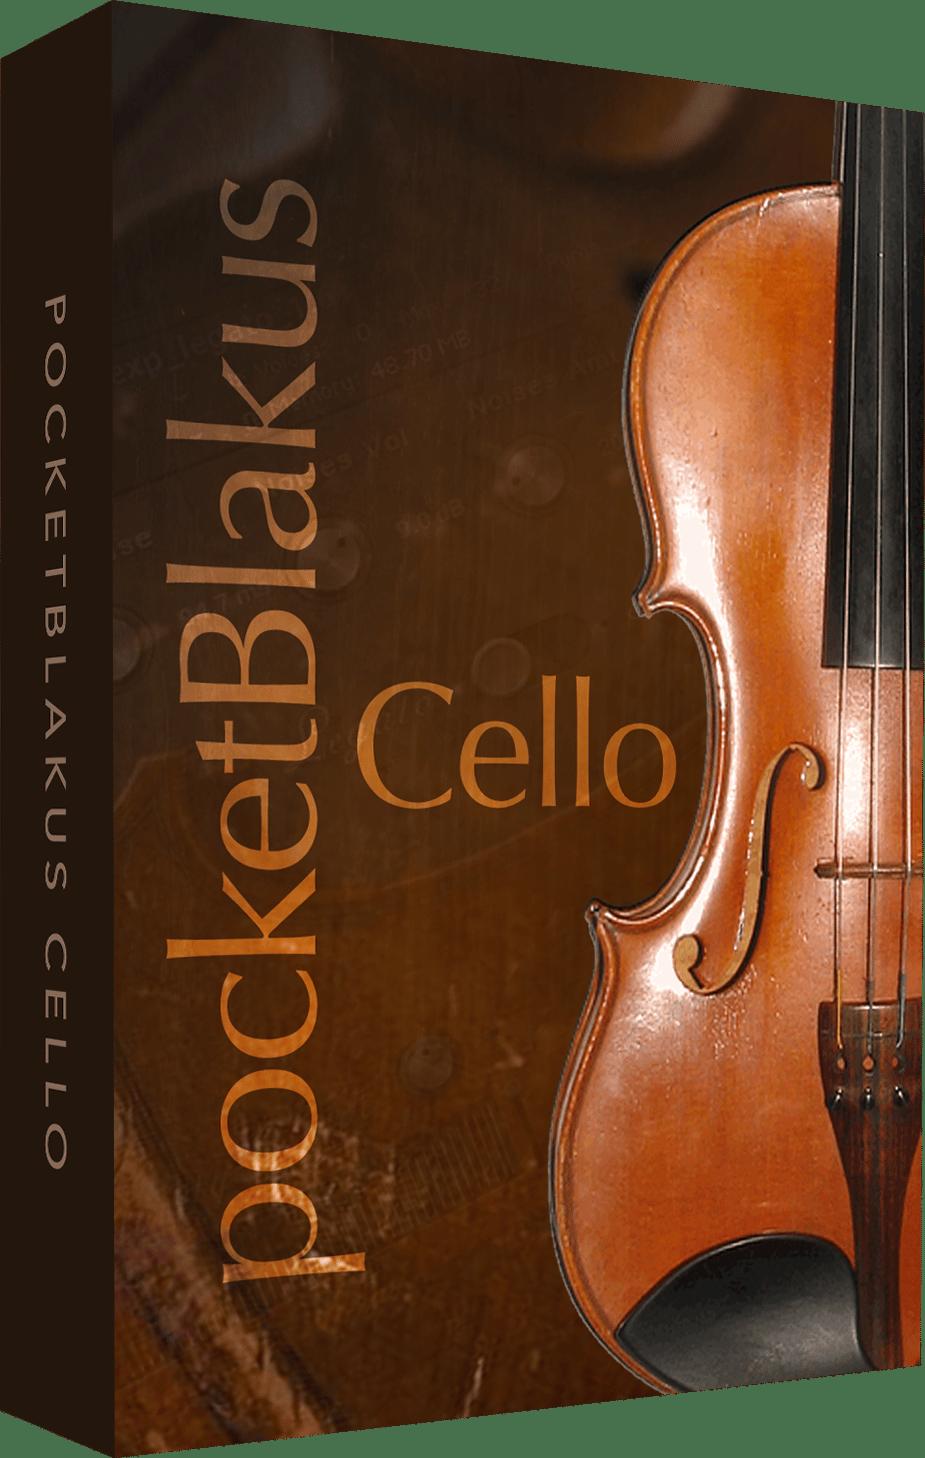 pocketBlakus Cello - Free Cello Kontakt Library